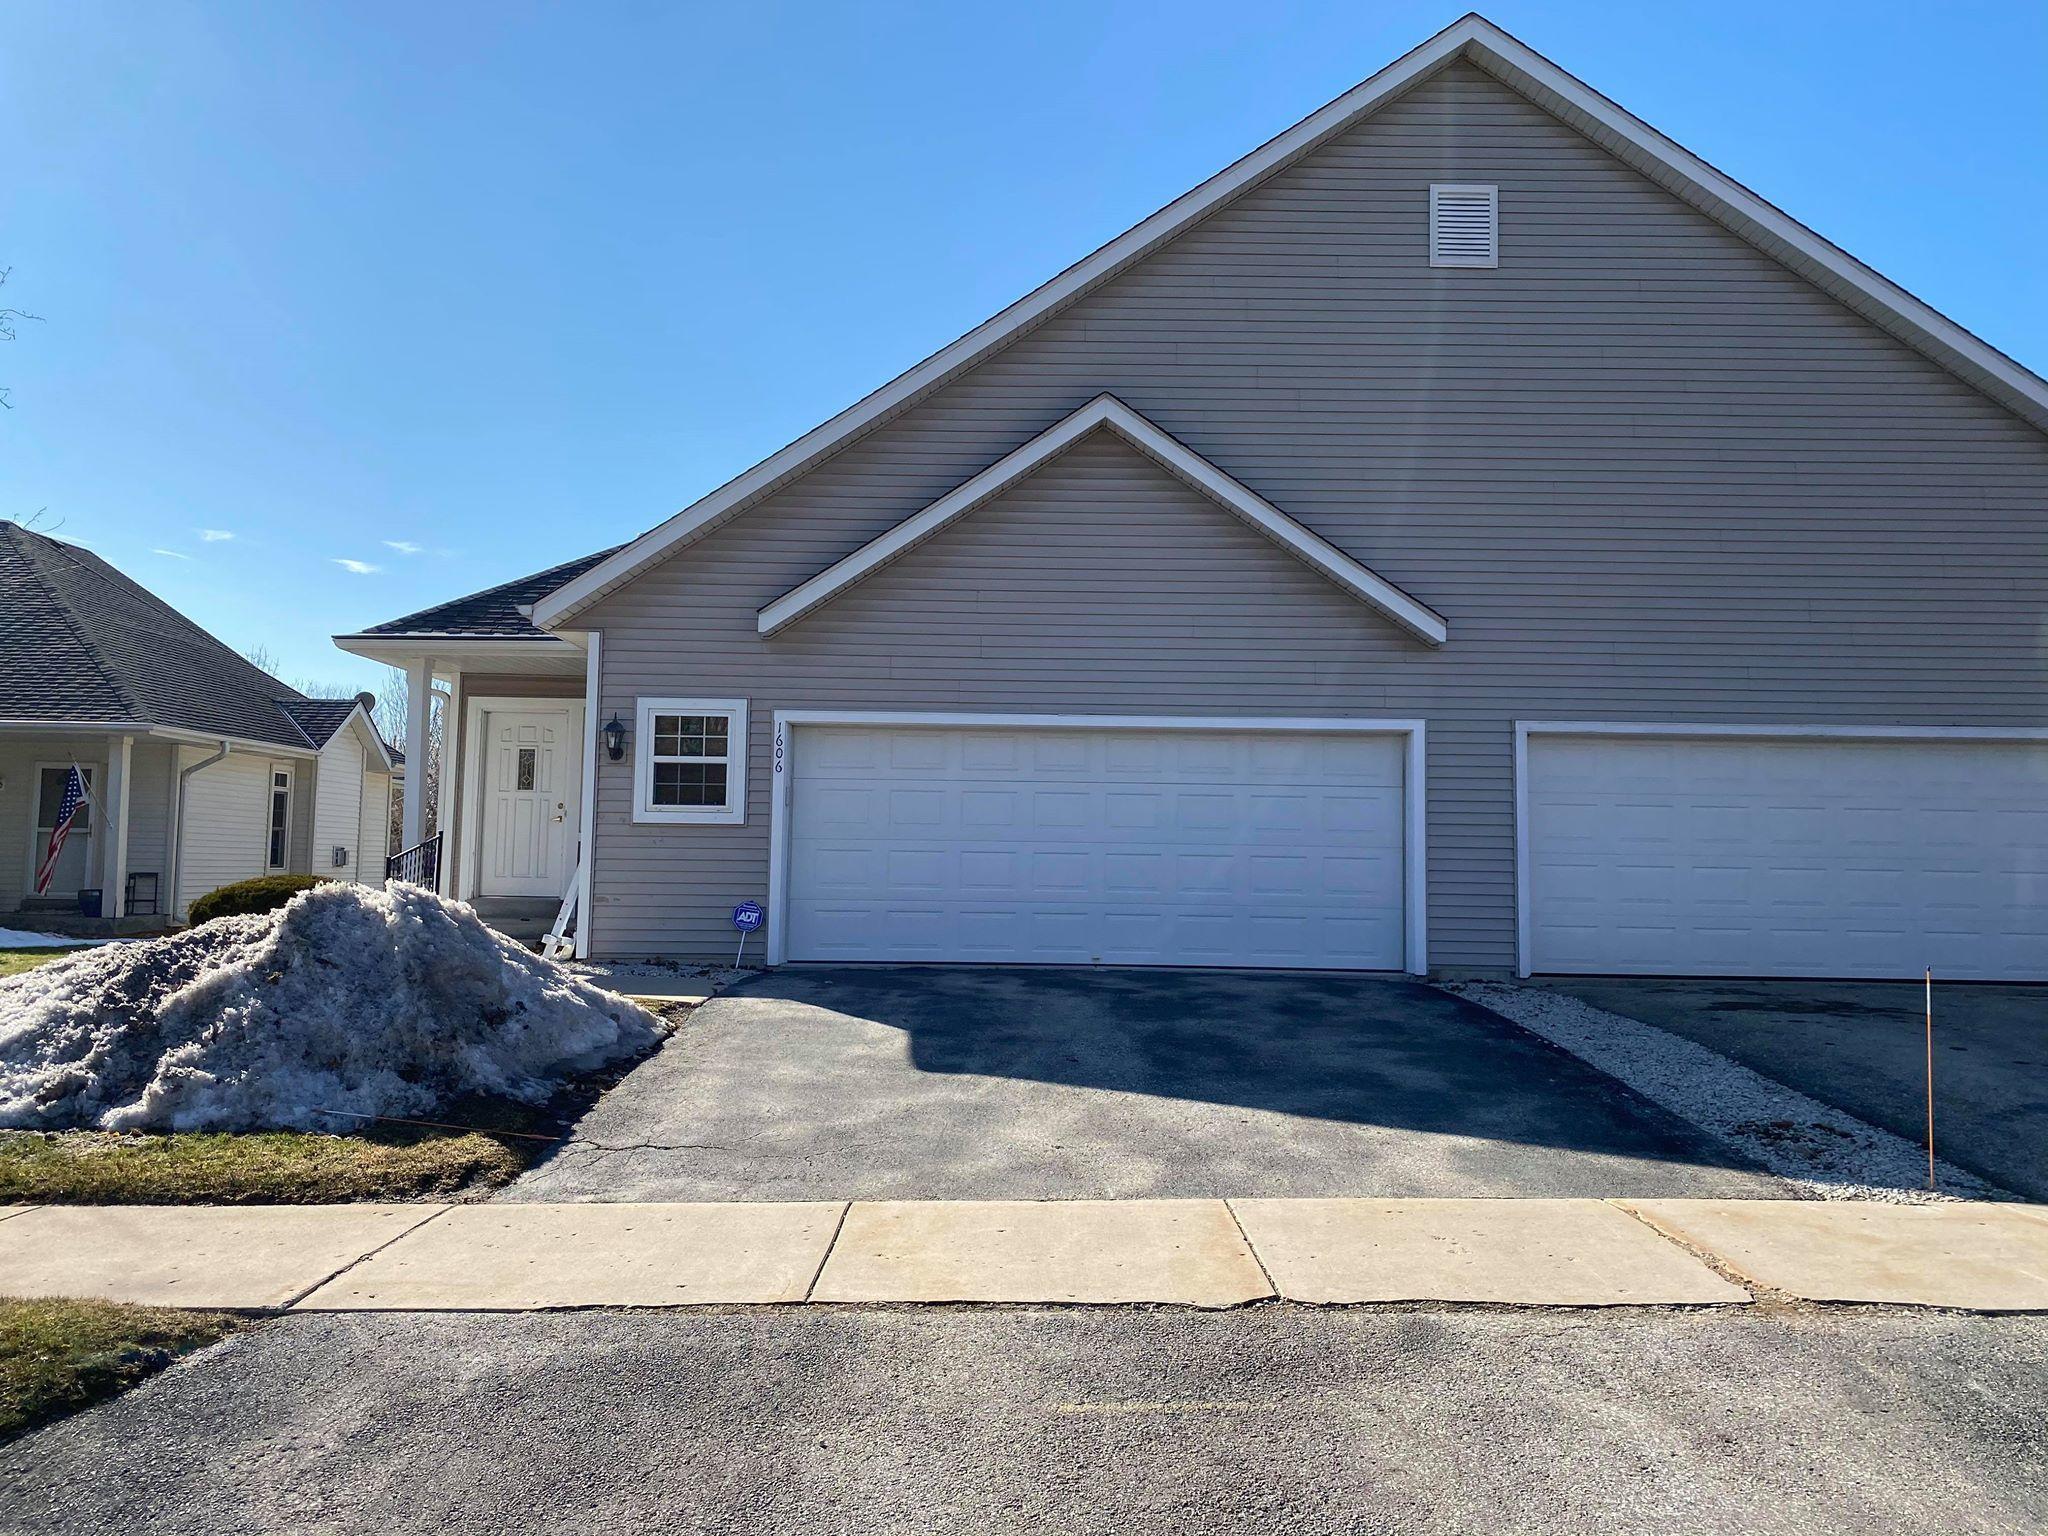 1606 Big Bend Rd, Waukesha, Wisconsin 53189, 2 Bedrooms Bedrooms, 7 Rooms Rooms,1 BathroomBathrooms,Condominiums,For Sale,Big Bend Rd,1,1680069